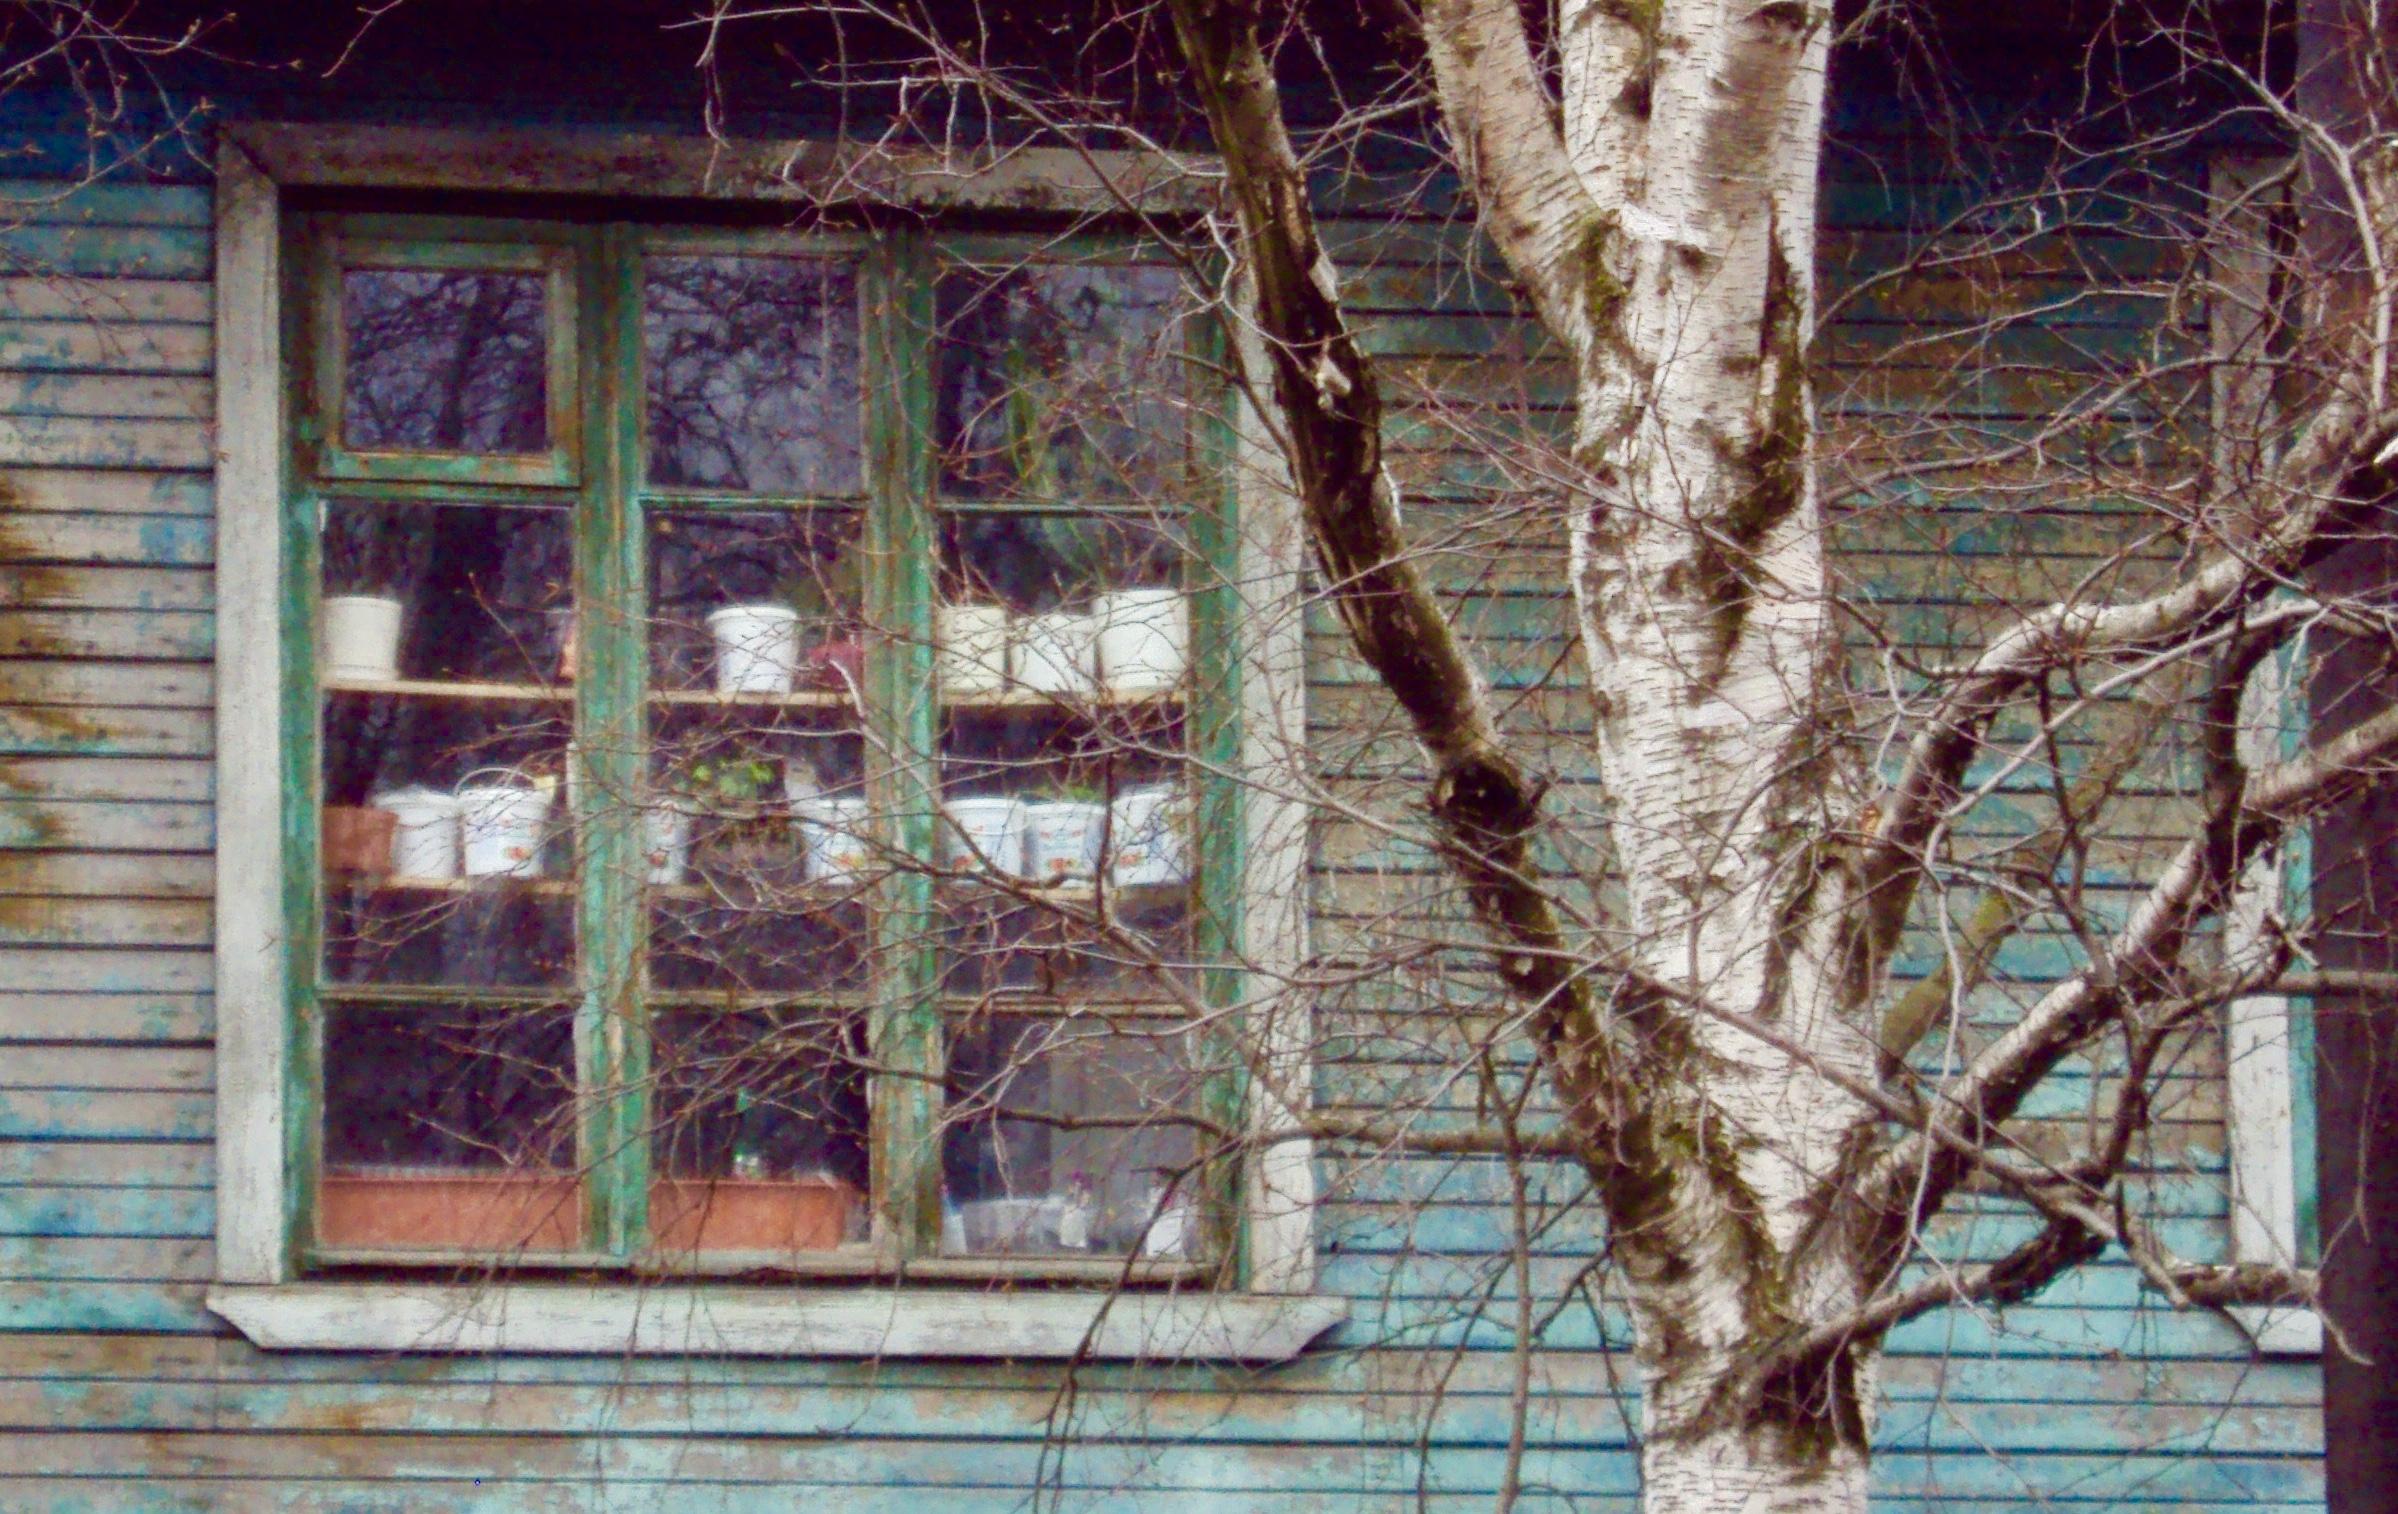 Når situasjonen krever det, bruker man det man har. Bilde er av dyrkingshyller i et bolighus i Arkhangelsk.